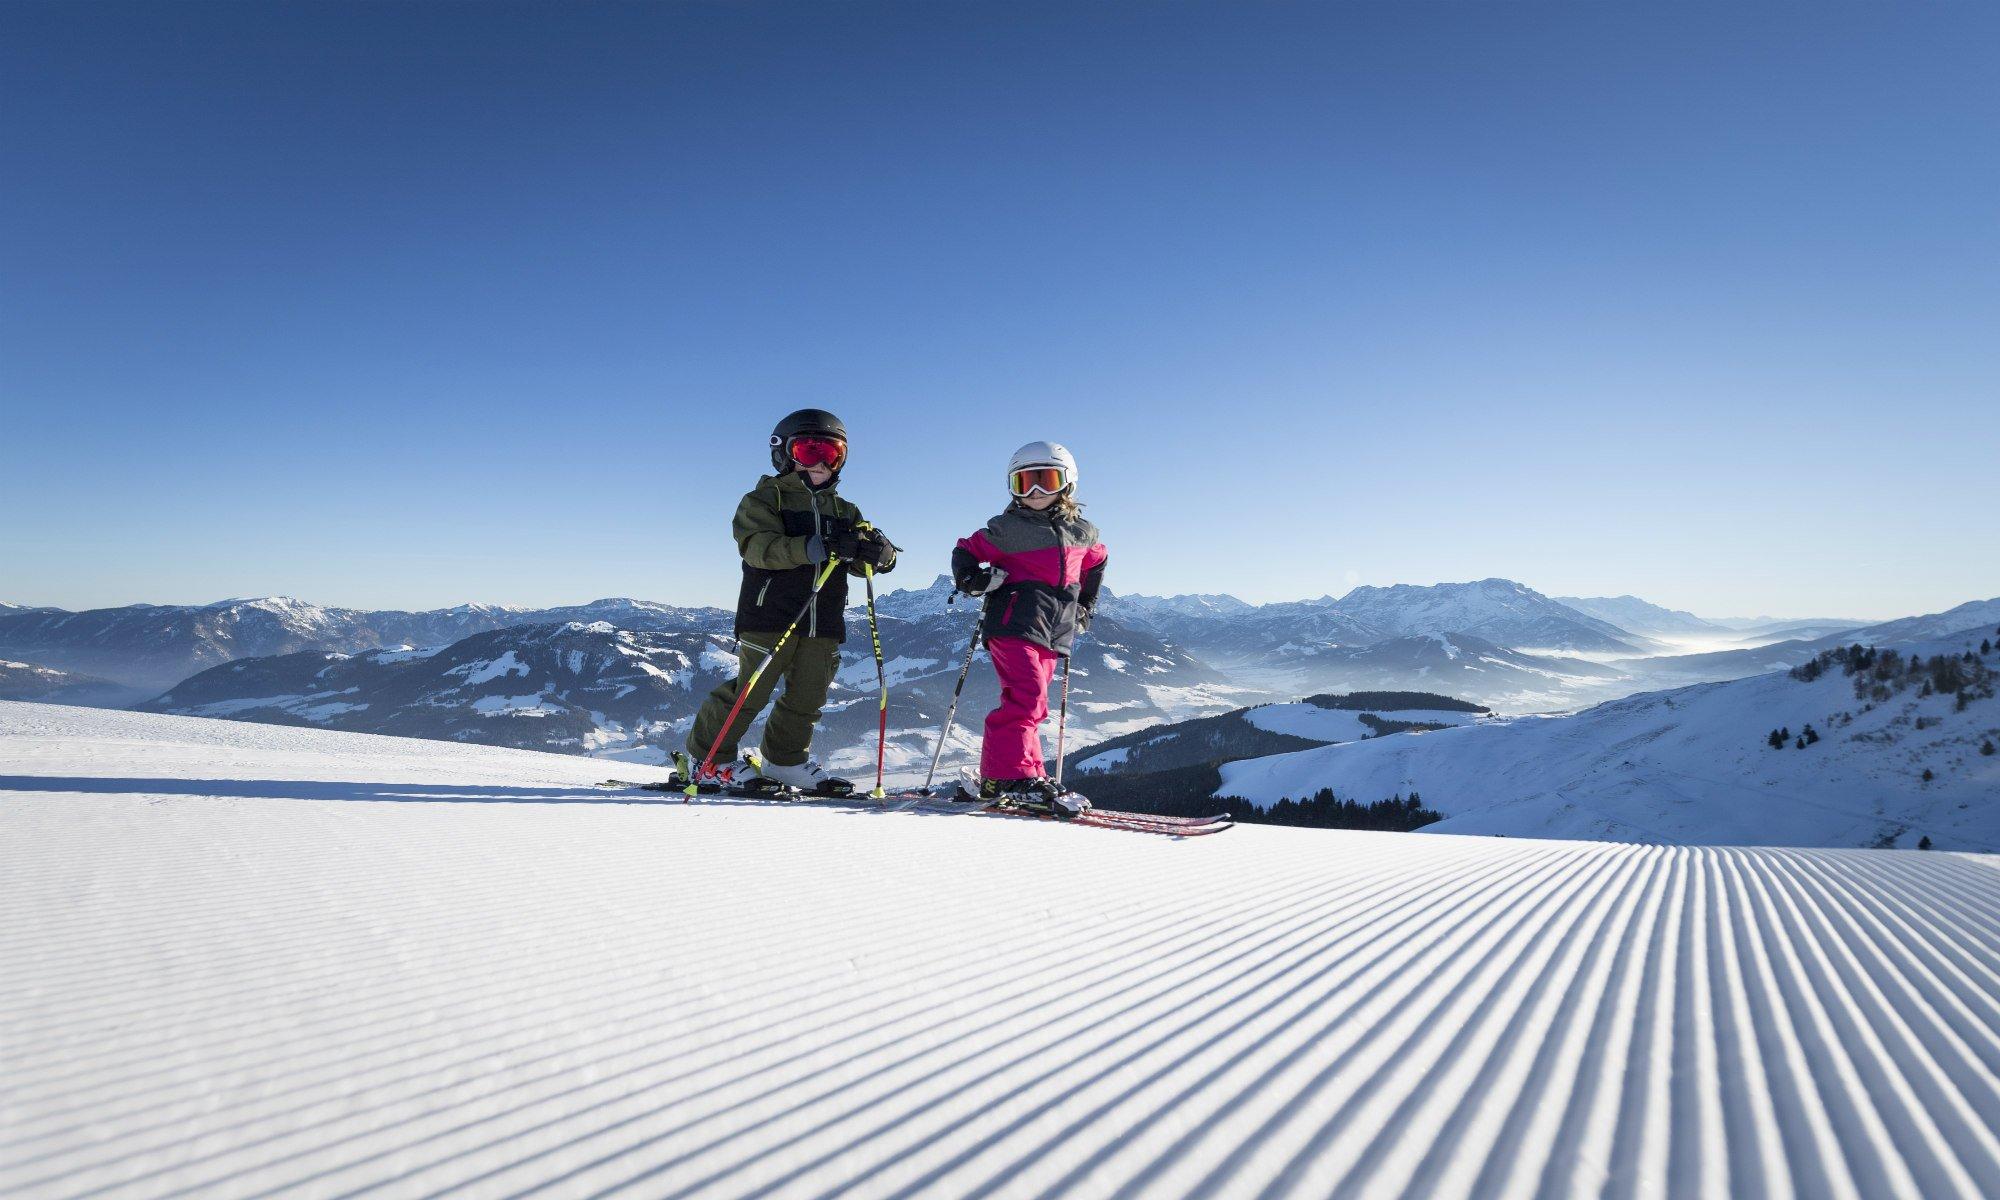 Kinderen staan op een vers geprepareerde helling met een prachtig uitzicht op de bergen.